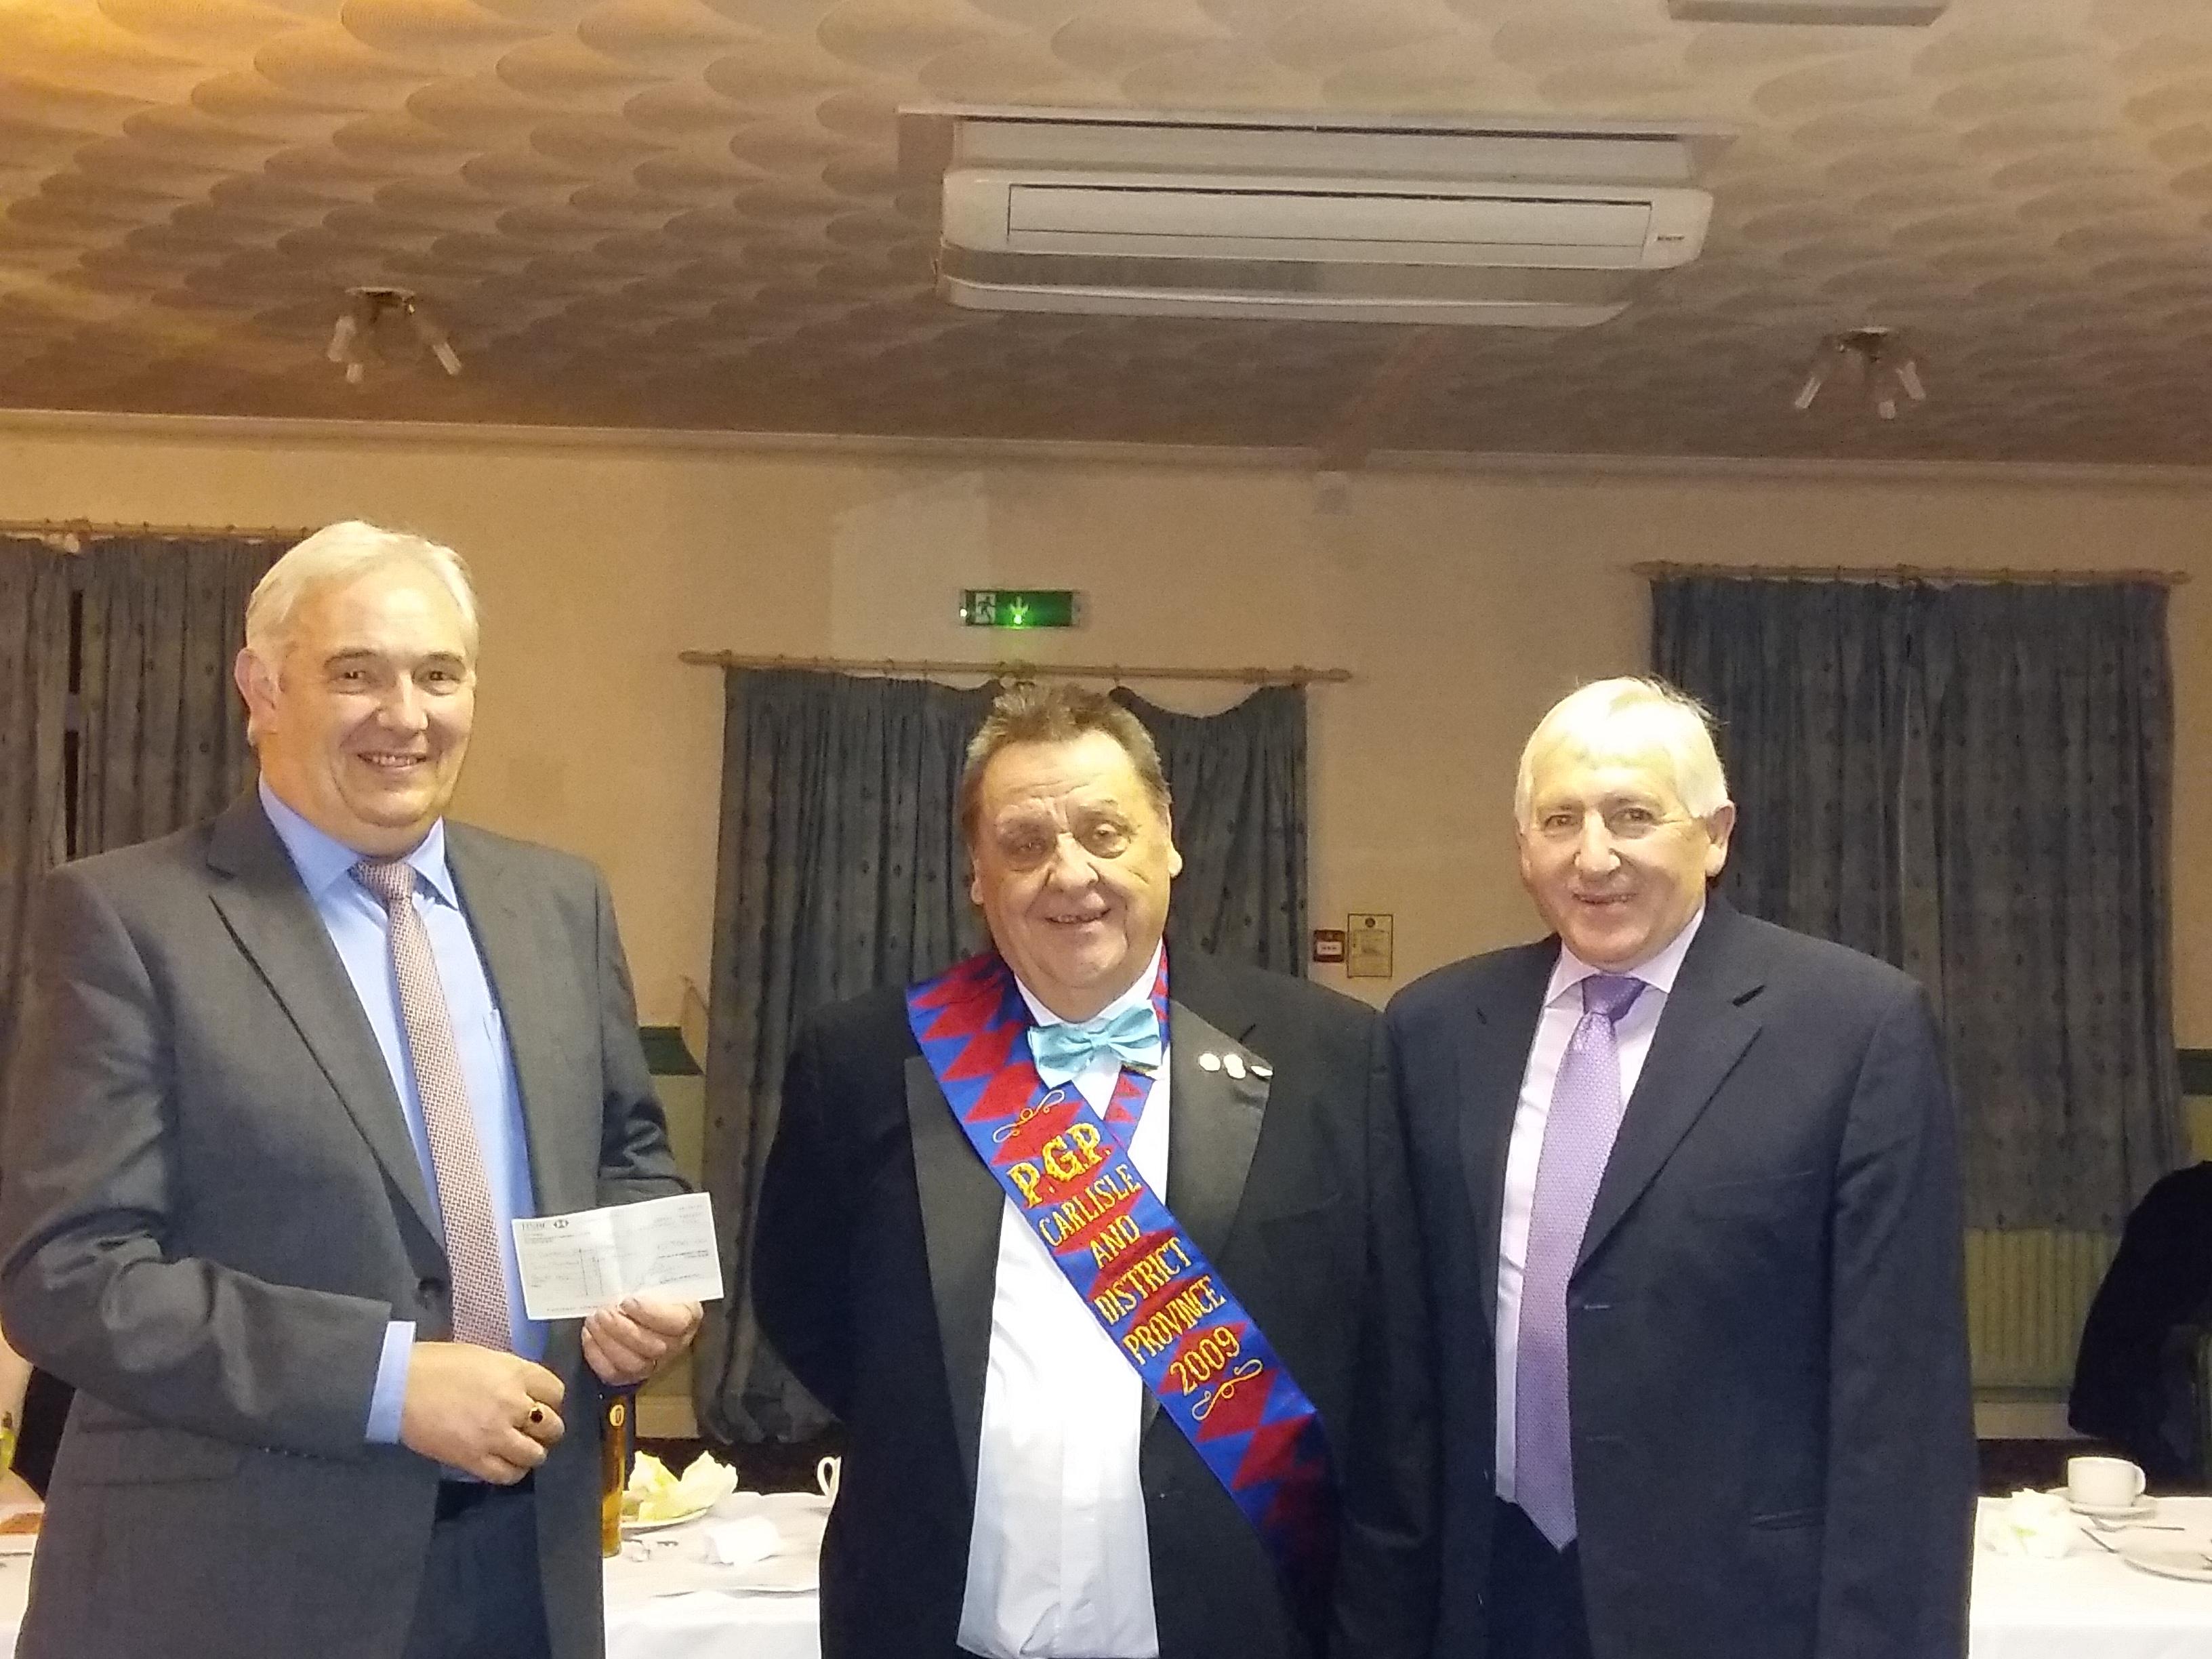 RAOB presenting cheque to Cumbria Deaf